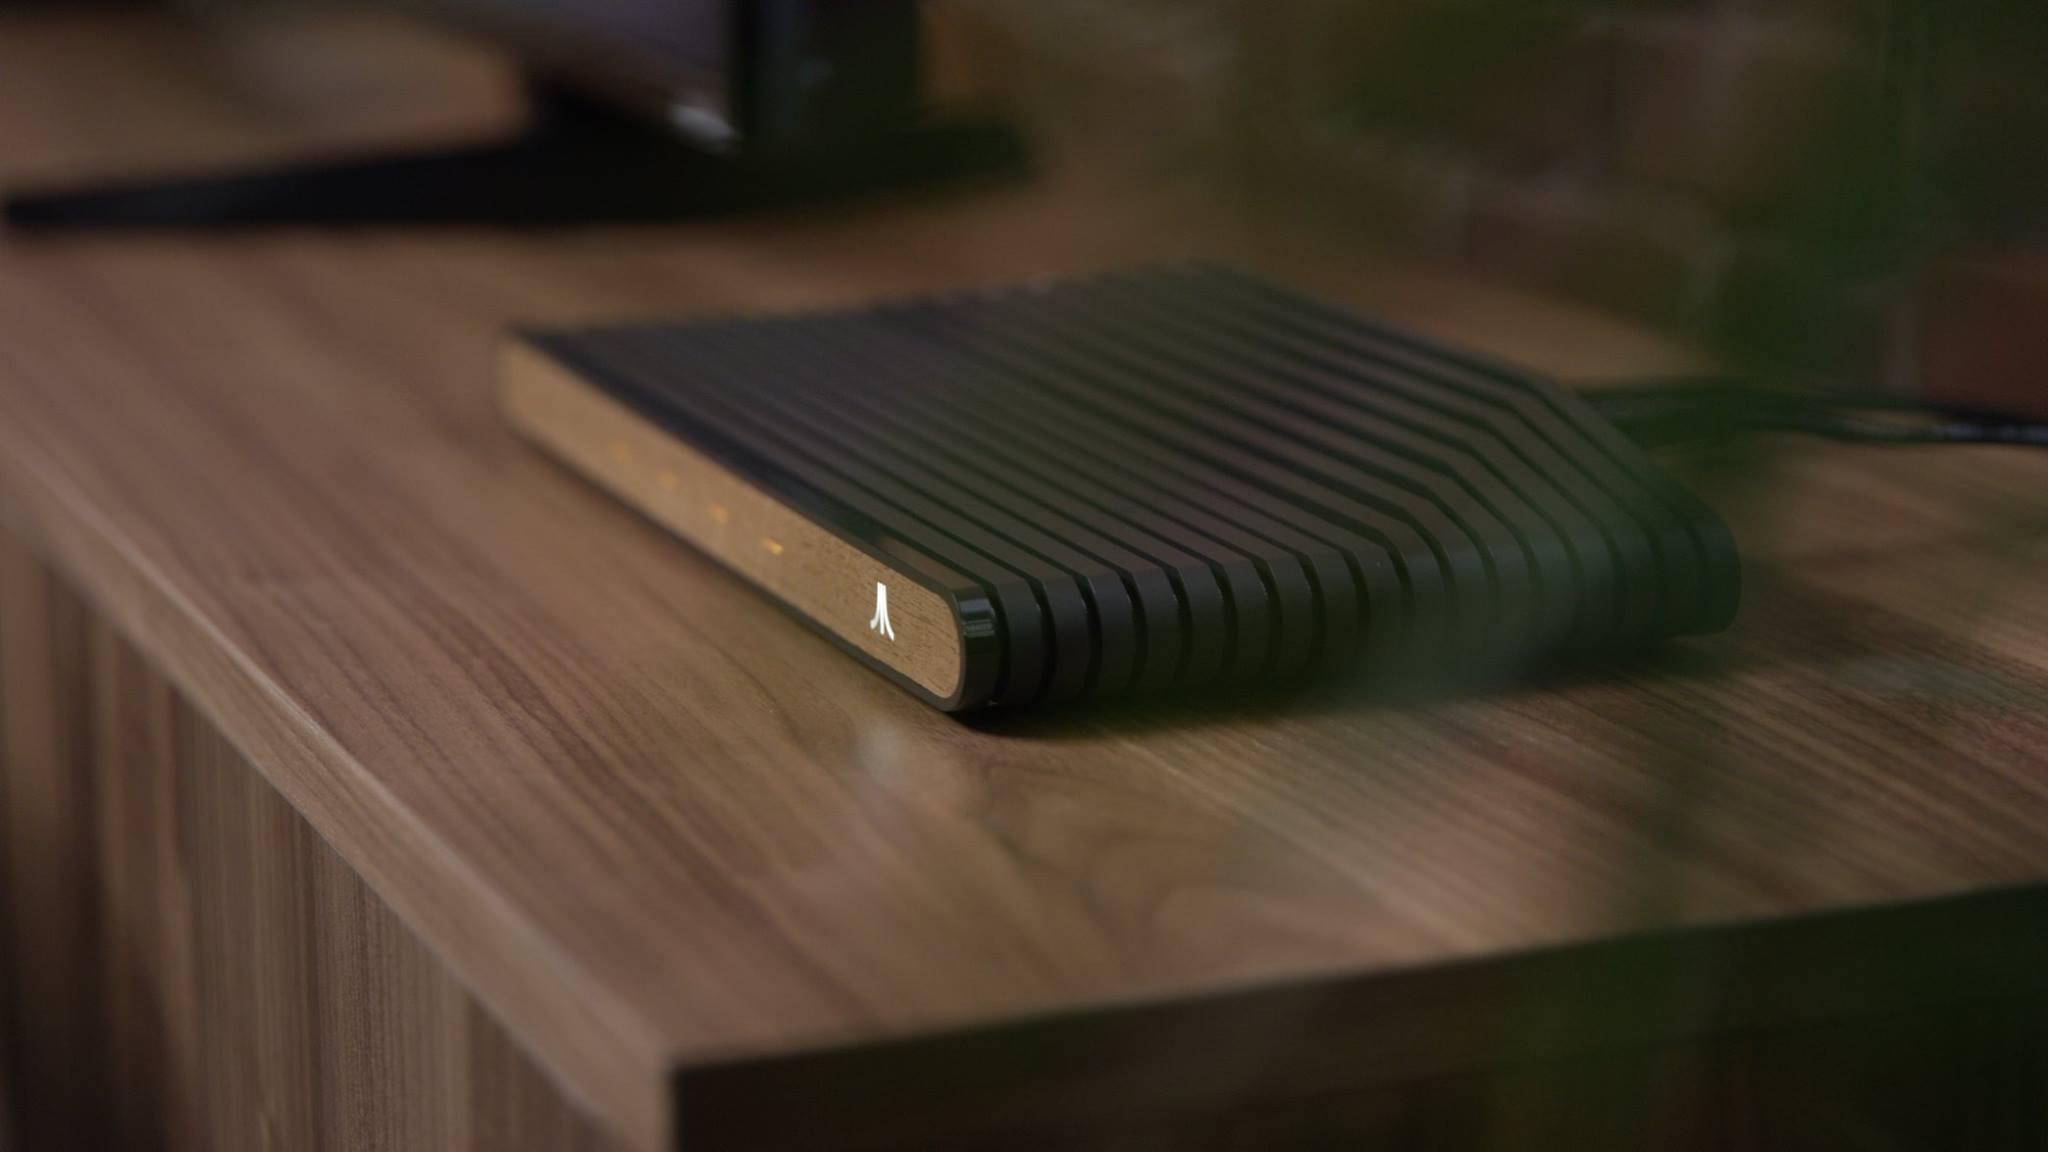 Prime foto ufficiali e nuovi dettagli per Ataribox